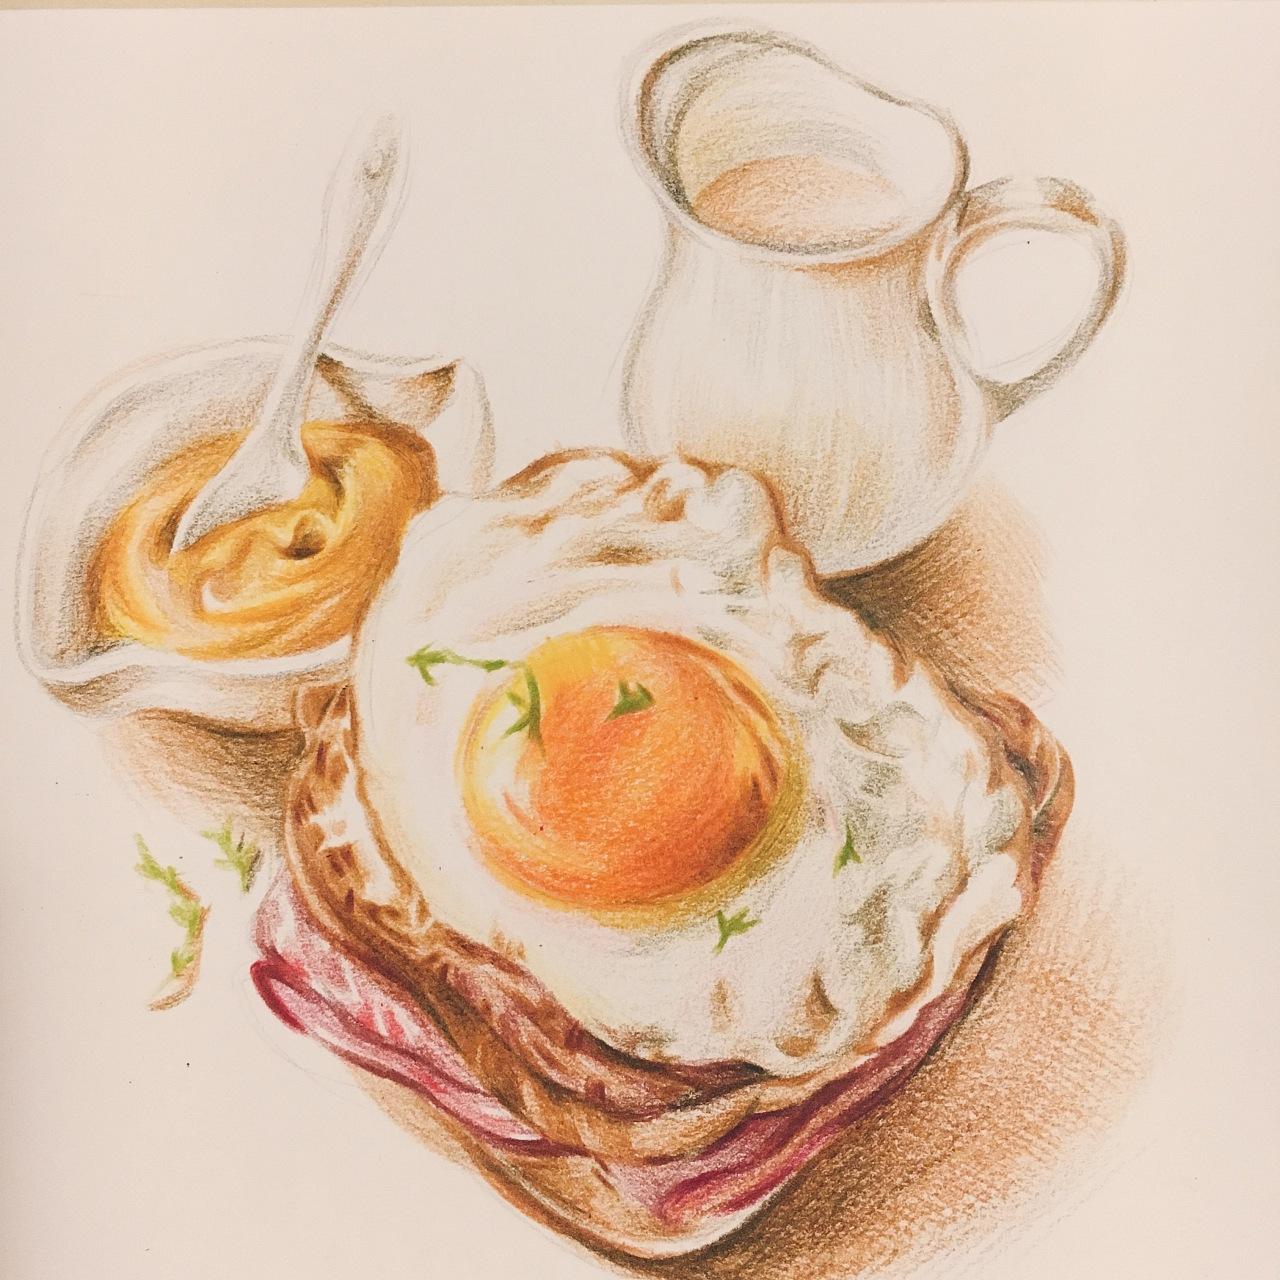 香港美食手绘彩铅图片